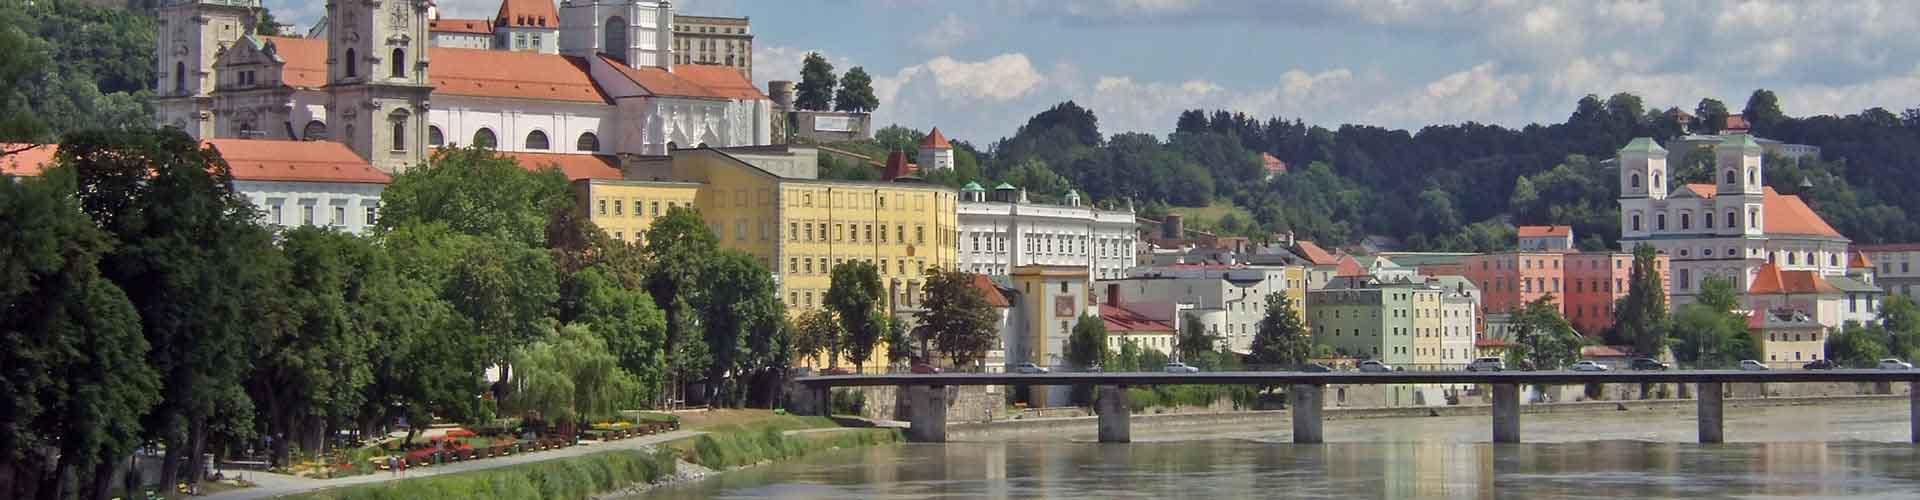 Passau - Hostele w mieście: Passau, Mapy: Passau, Zdjęcia i Recenzje dla każdego hostelu w mieście Passau.